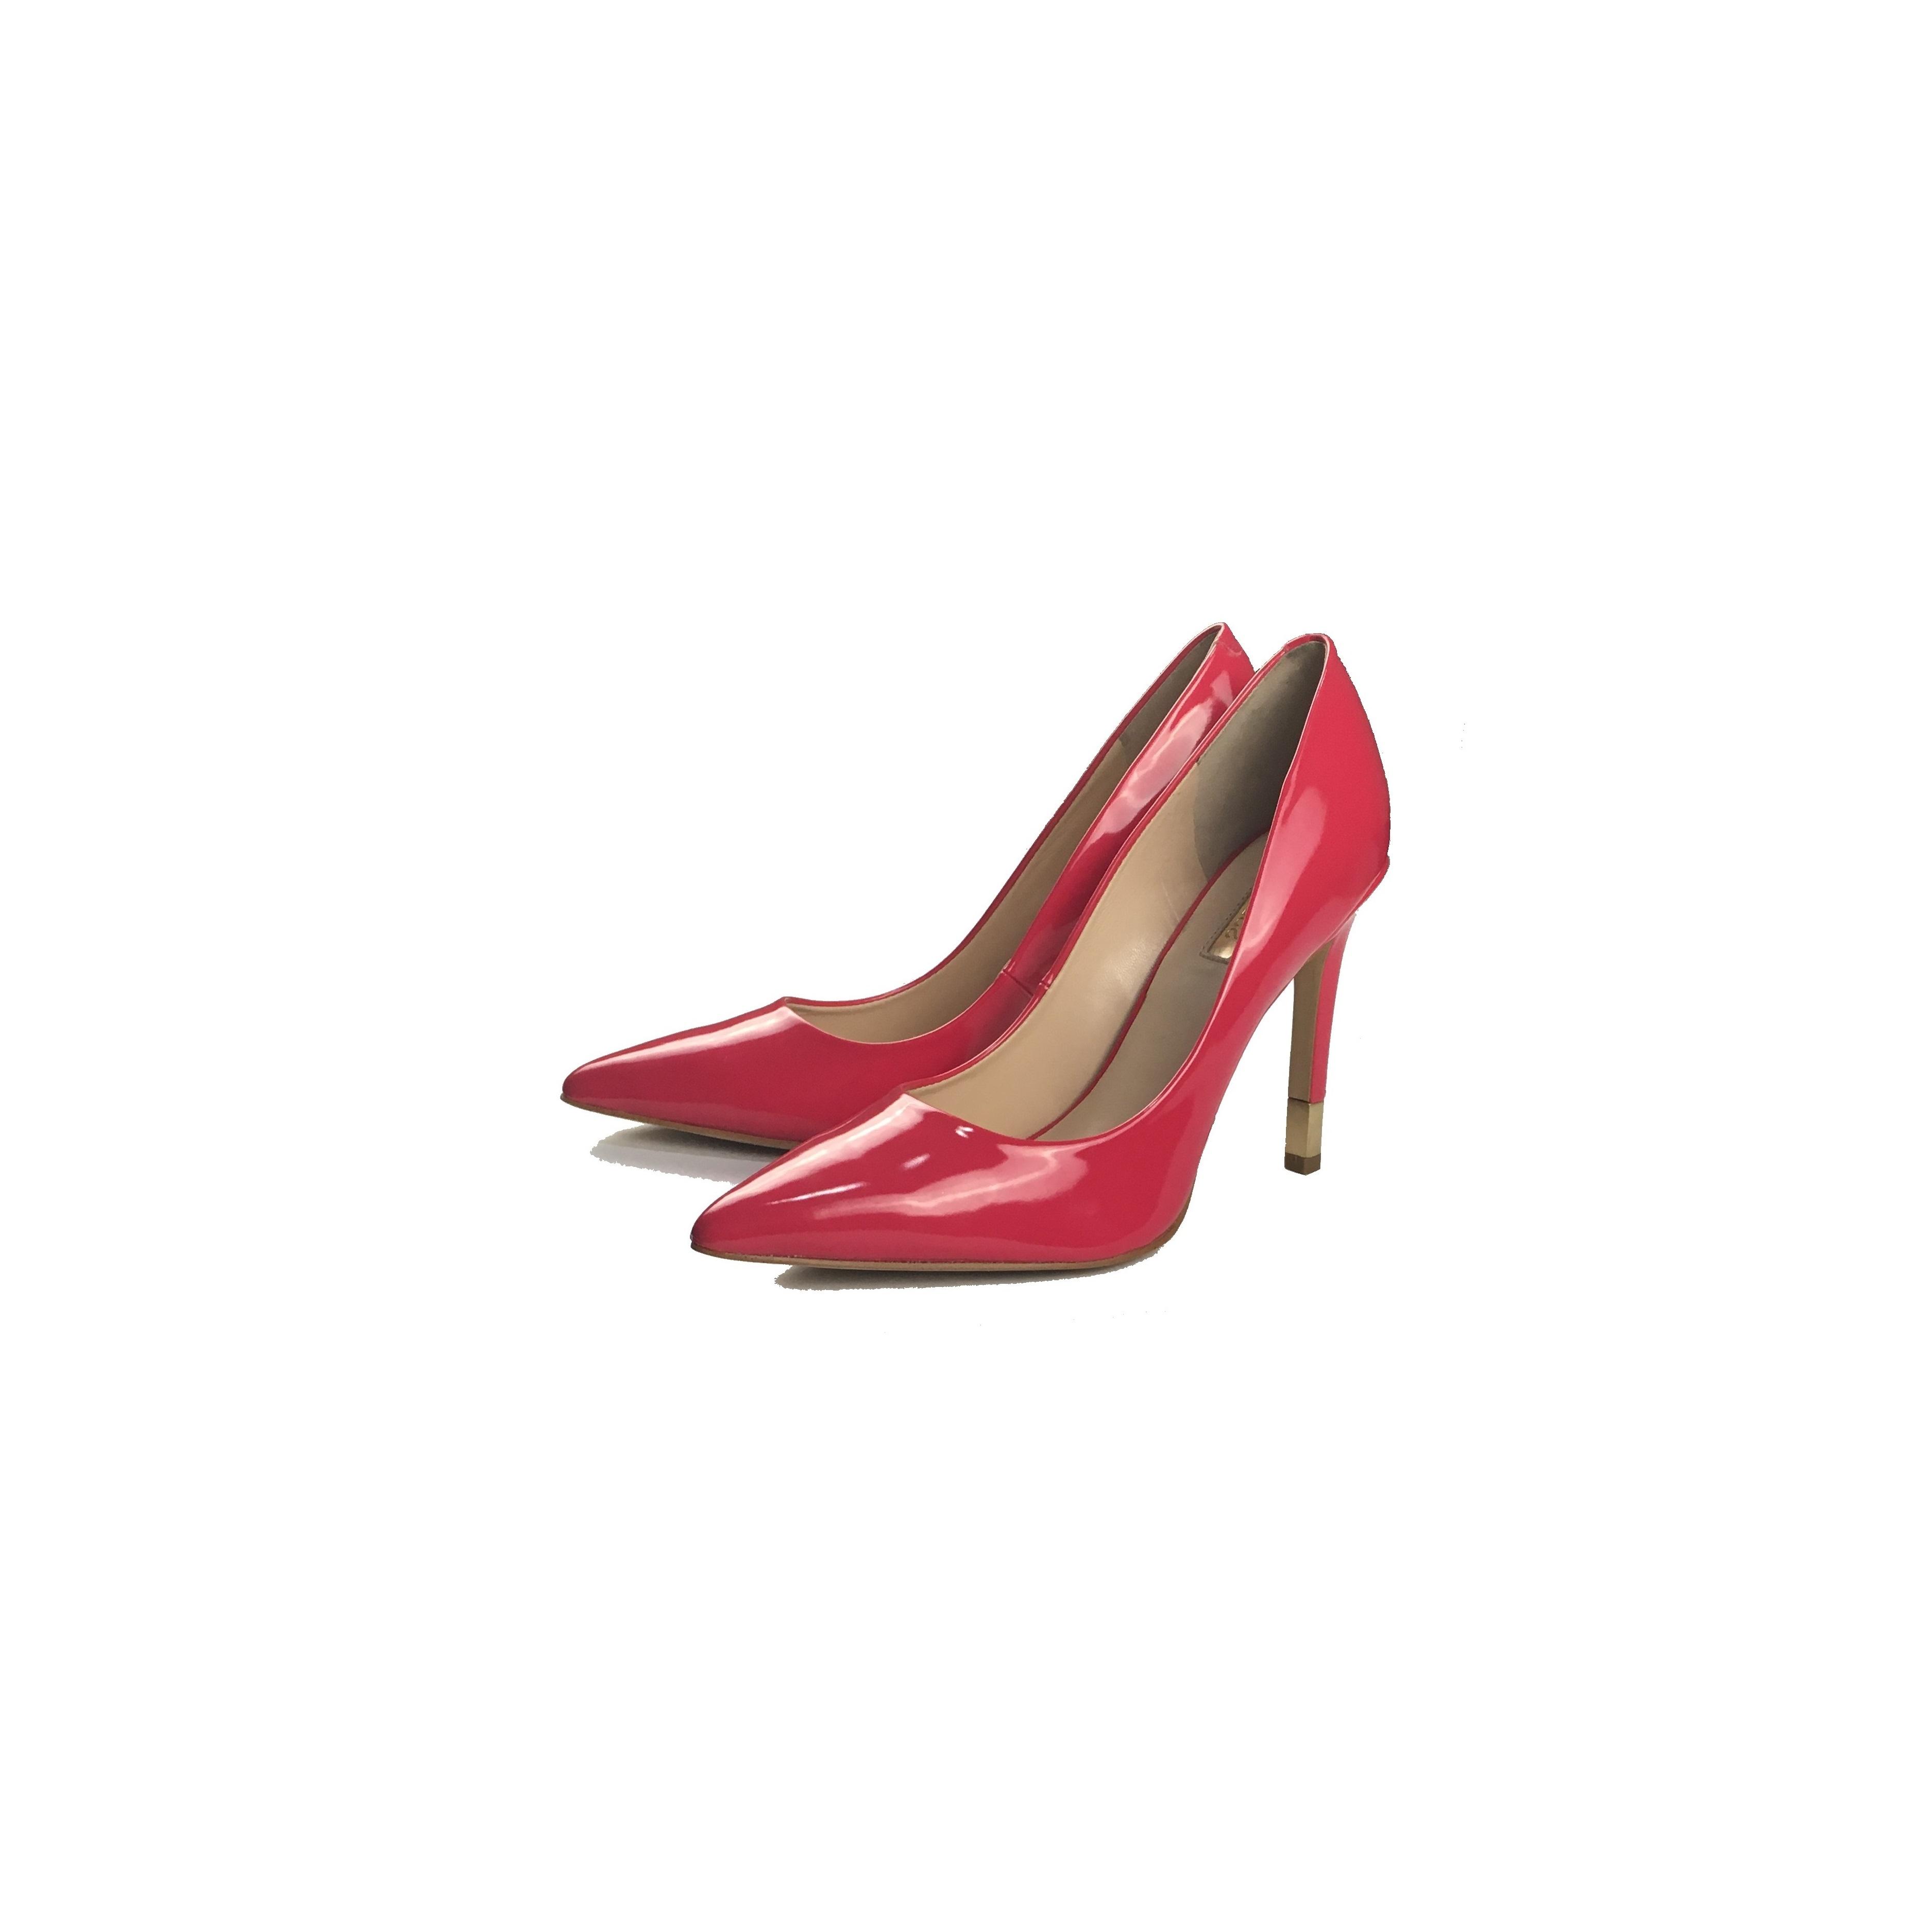 Туфлі-лодочки GUESS купити недорого - Товари - Жіноче модне взуття ... 3a07e5ba78522